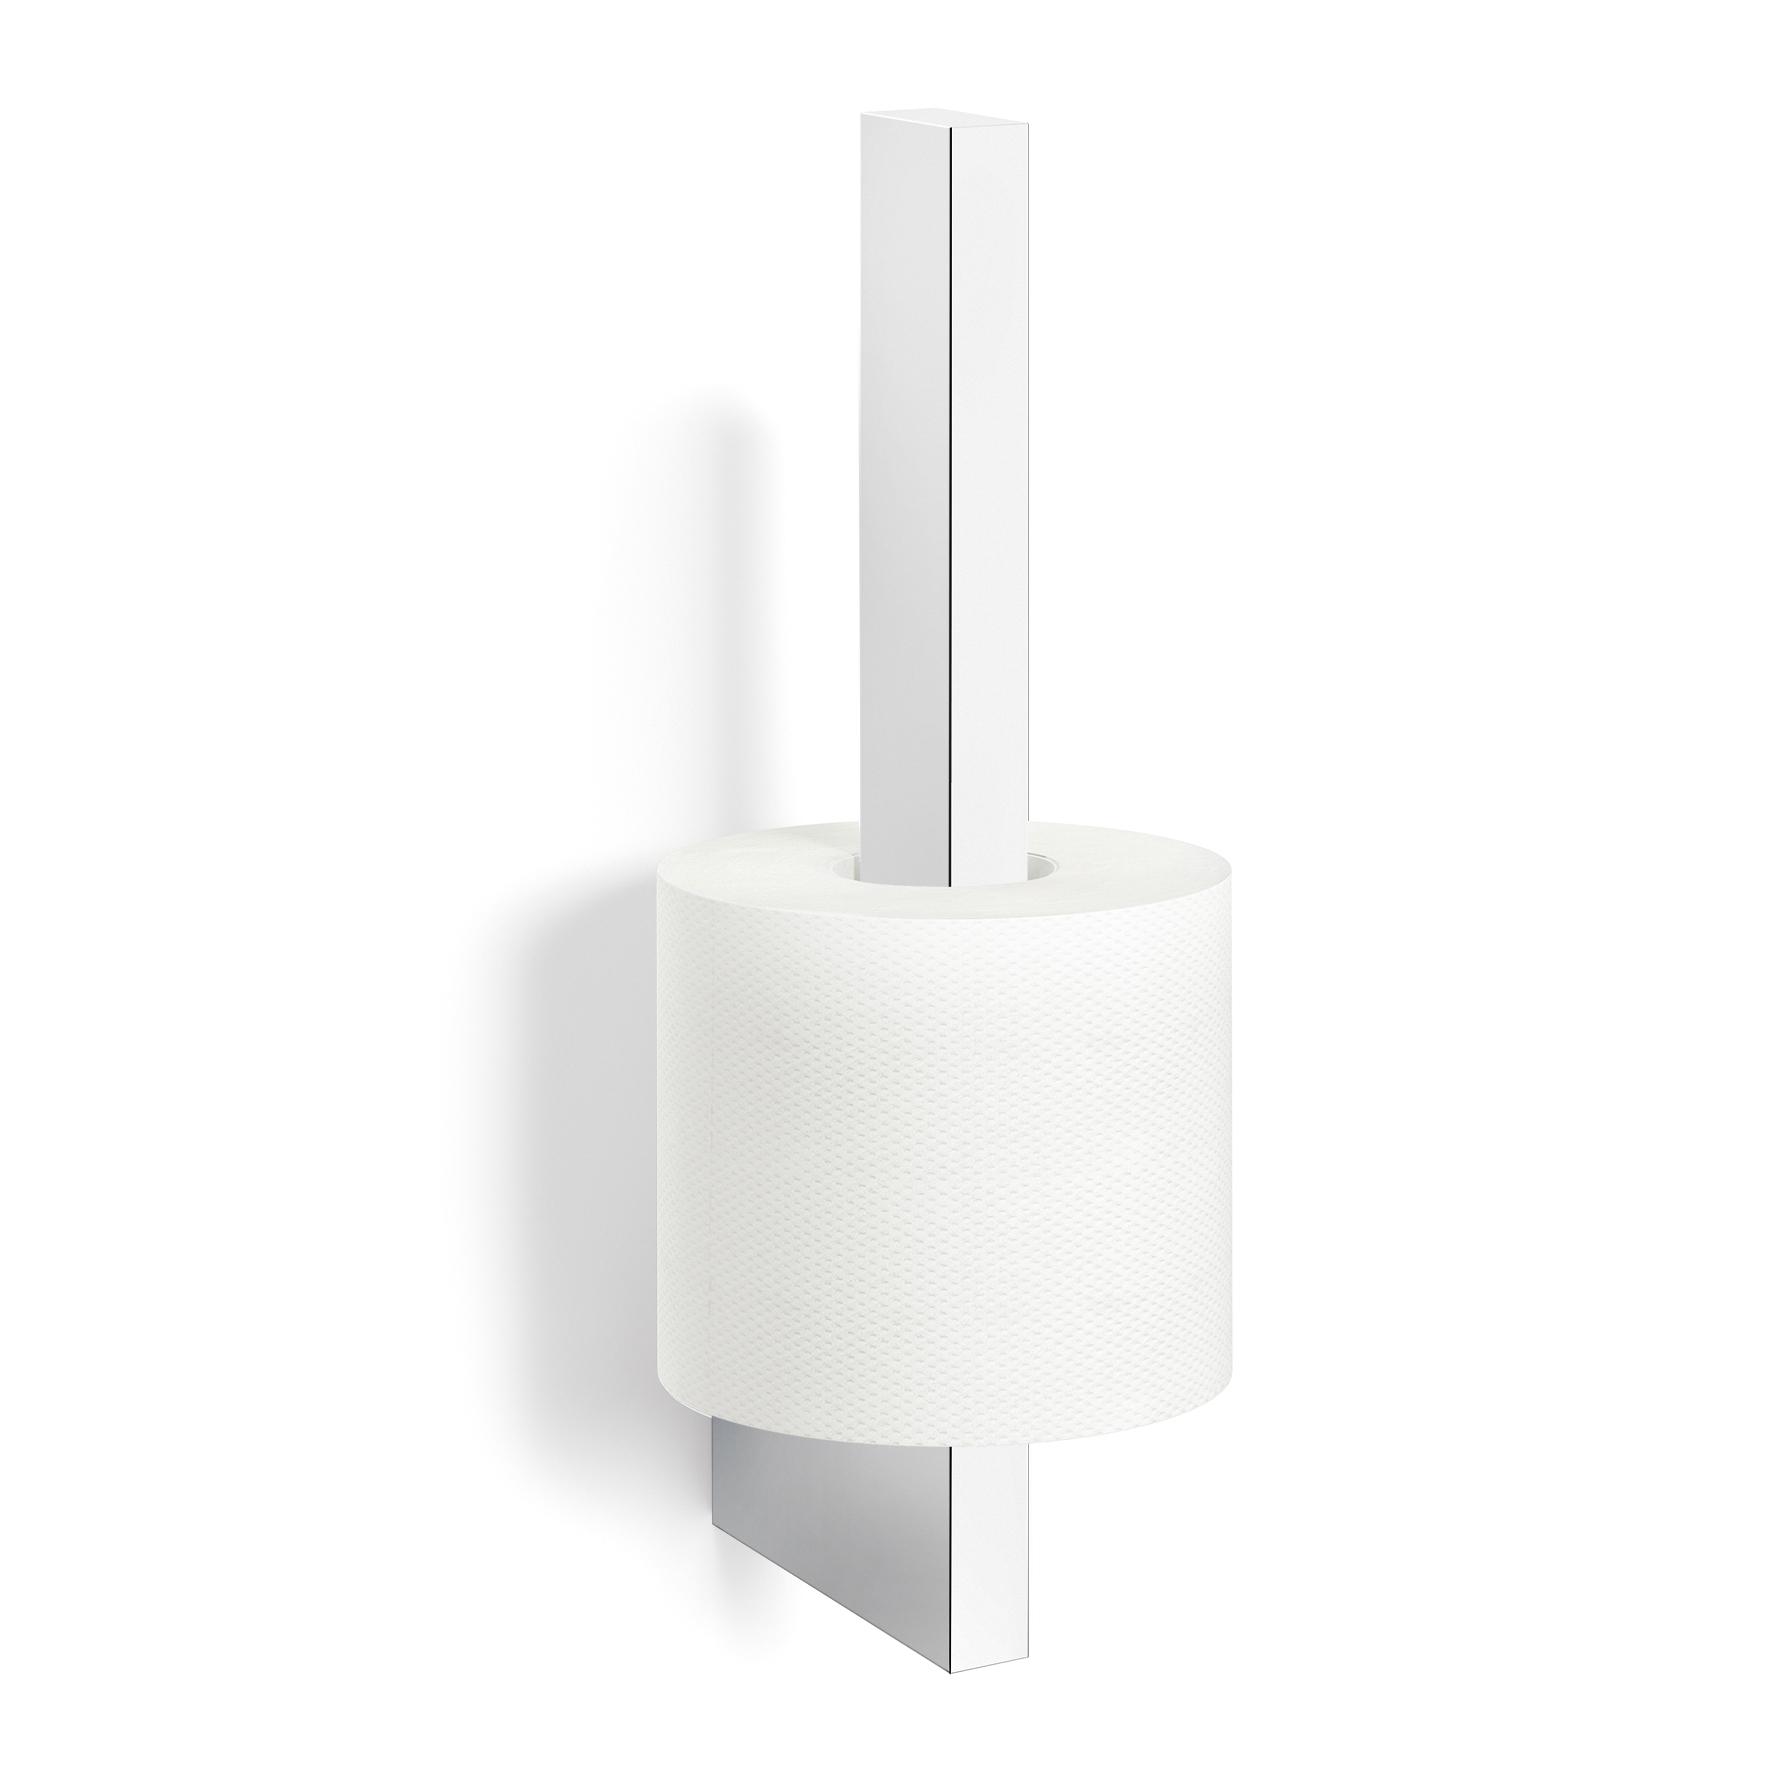 Uchwyt na zapasowy papier toaletowy 25cm Linea Zack stal polerowana